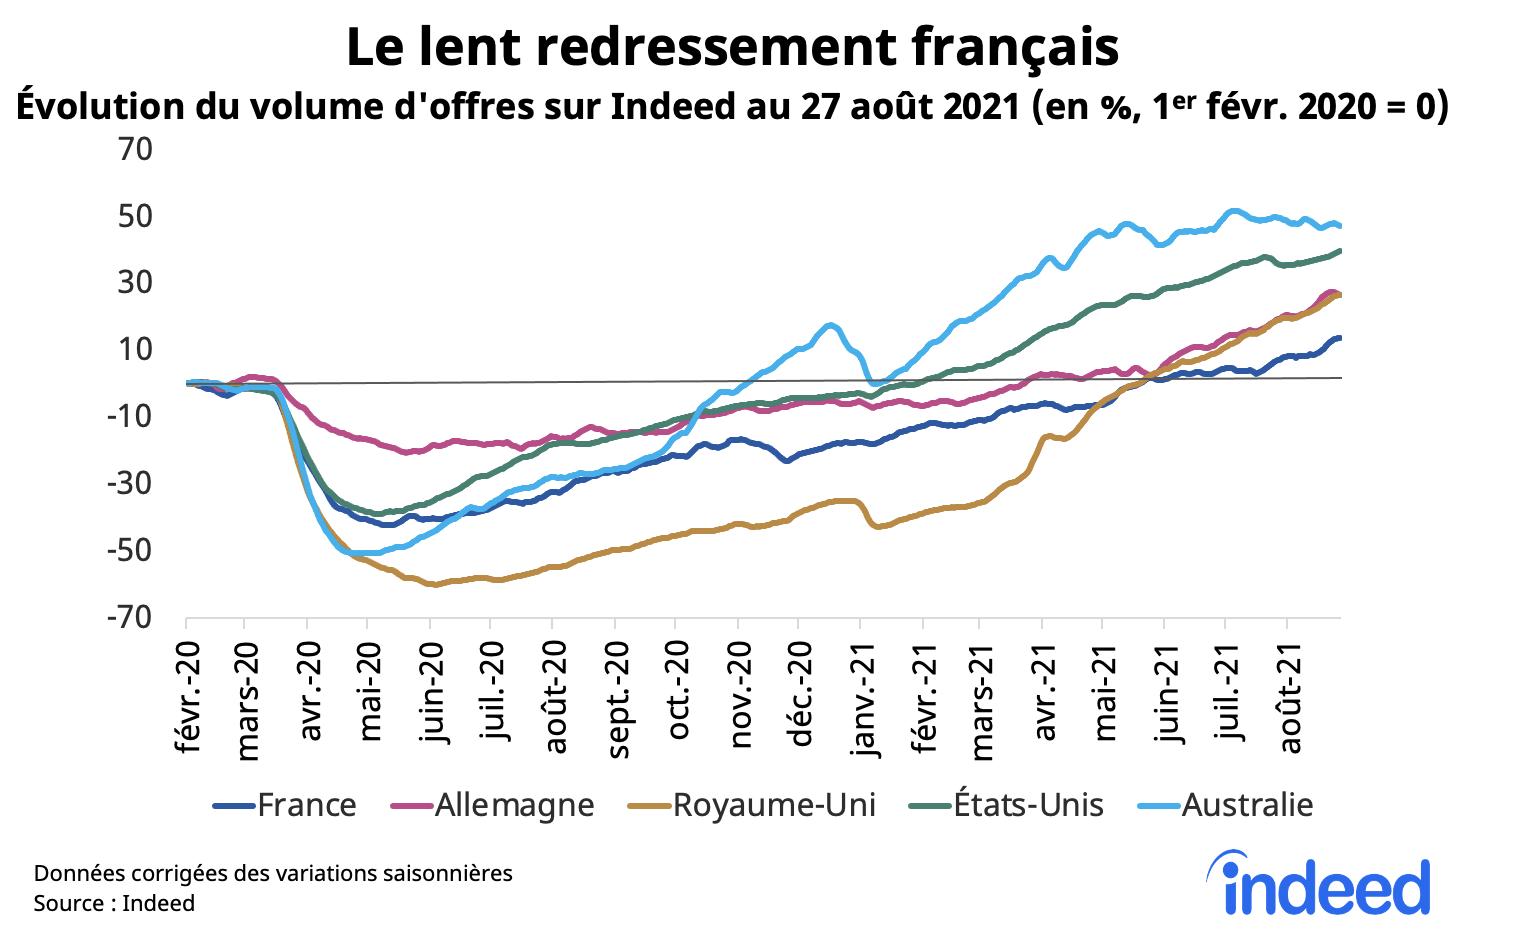 Le graphique en courbes illustre l'évolution du volume d'offres d'emploi en France, en Allemagne, au Royaume-Uni, aux États-Unis et en Australie au 27 août 2021.